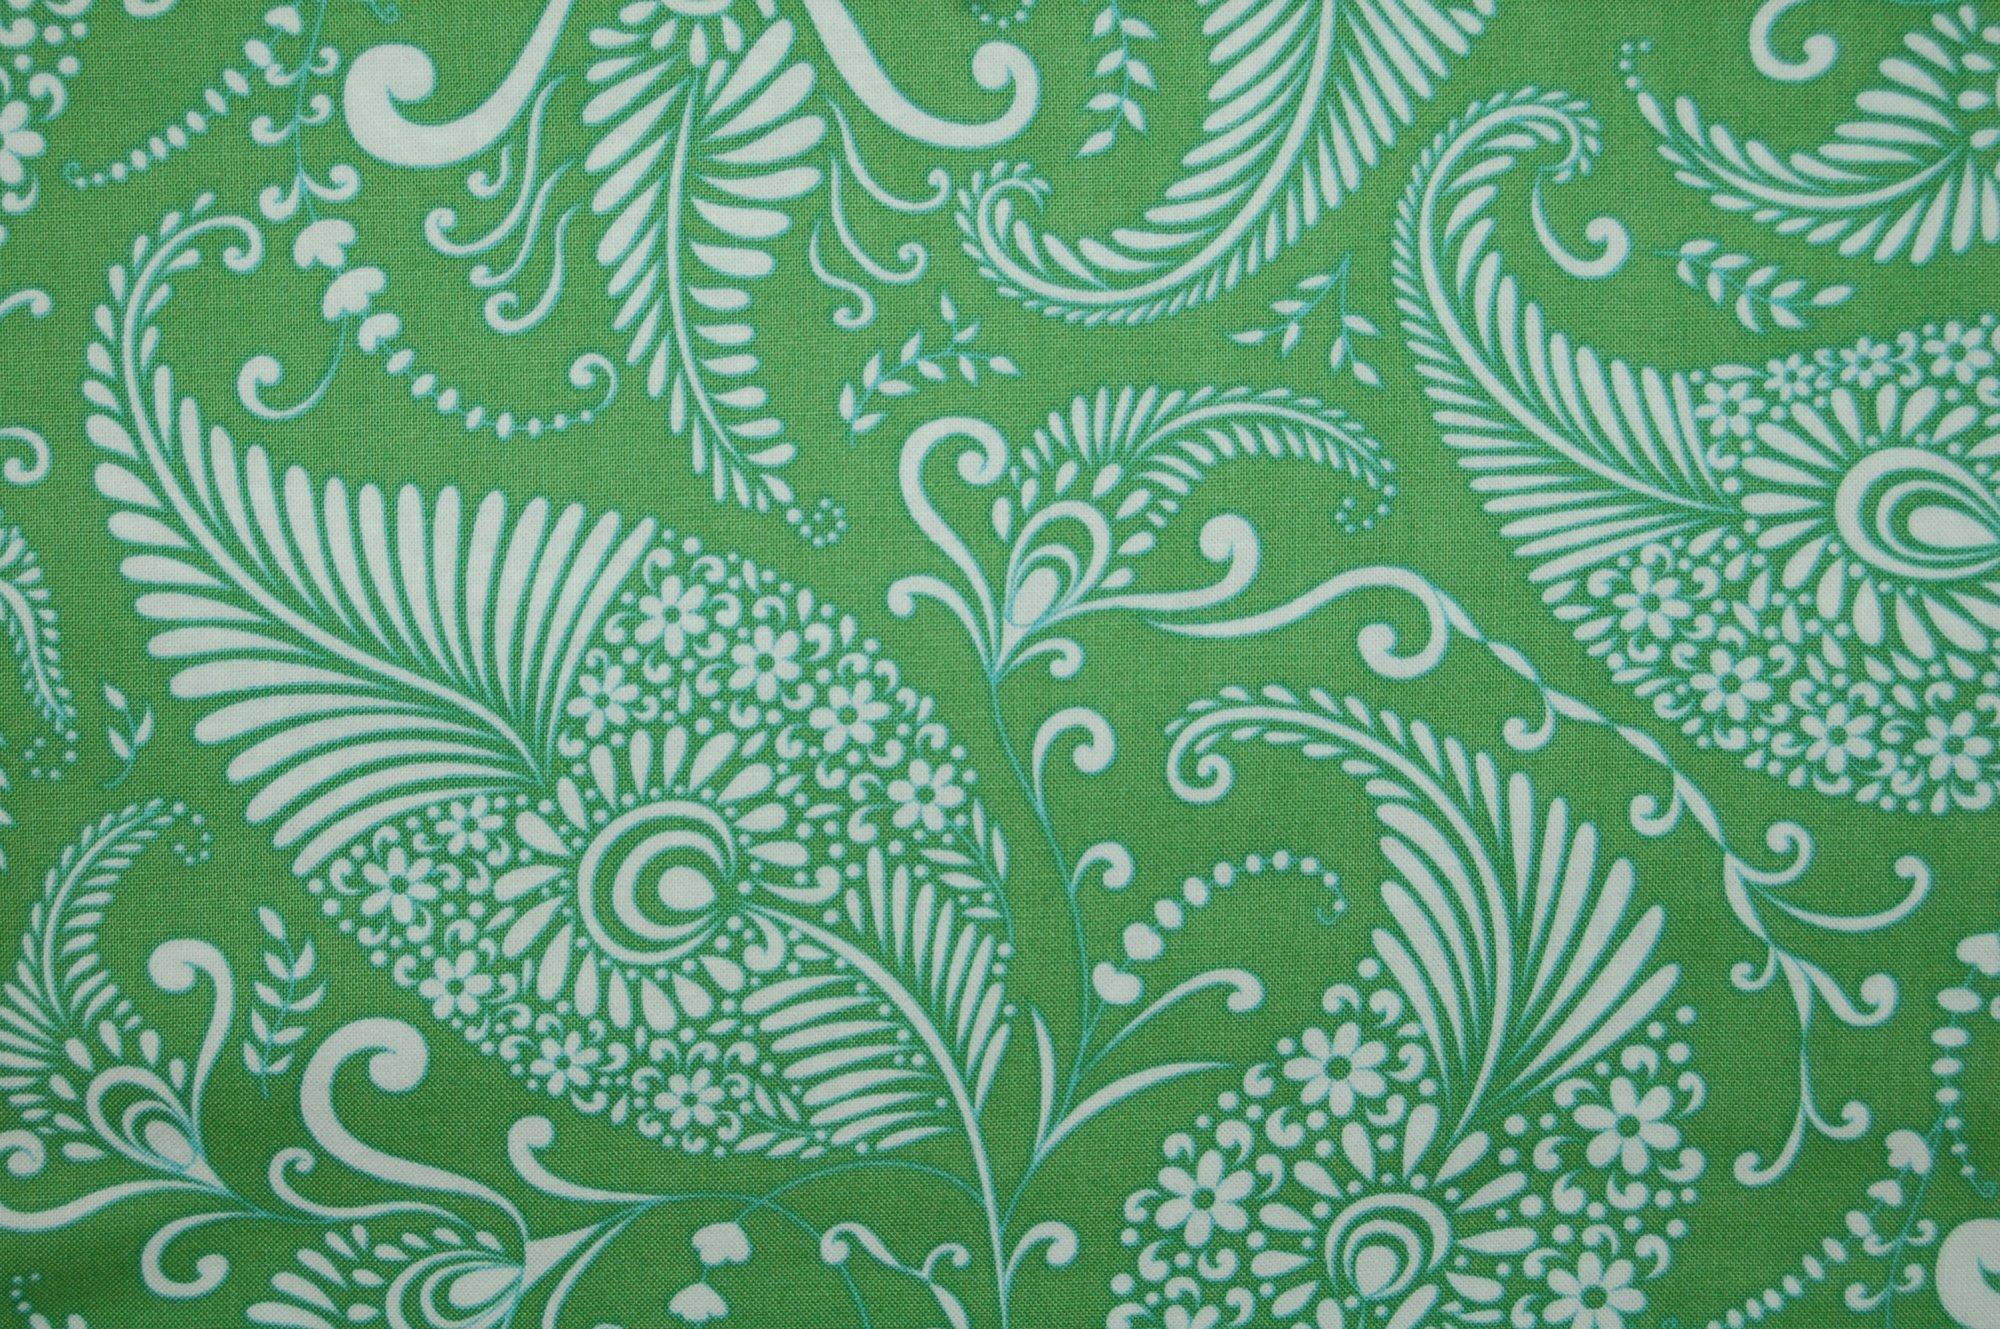 Merry Mistletoe - Paisley (Green) from Dena Designs for Free Spirit